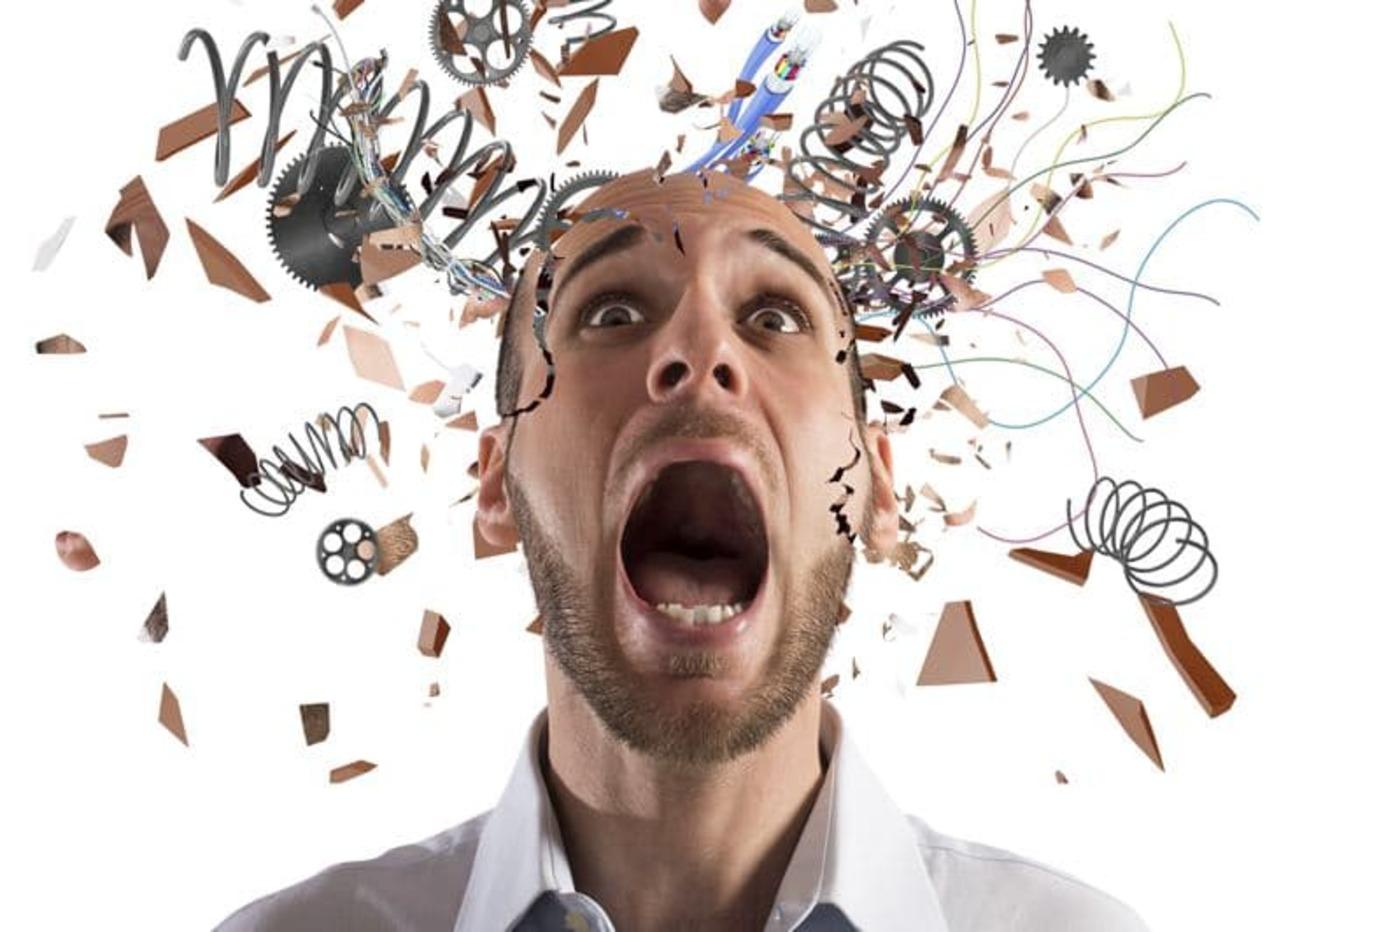 Stres Nedir Deniz Tunçer - Stres Nedir